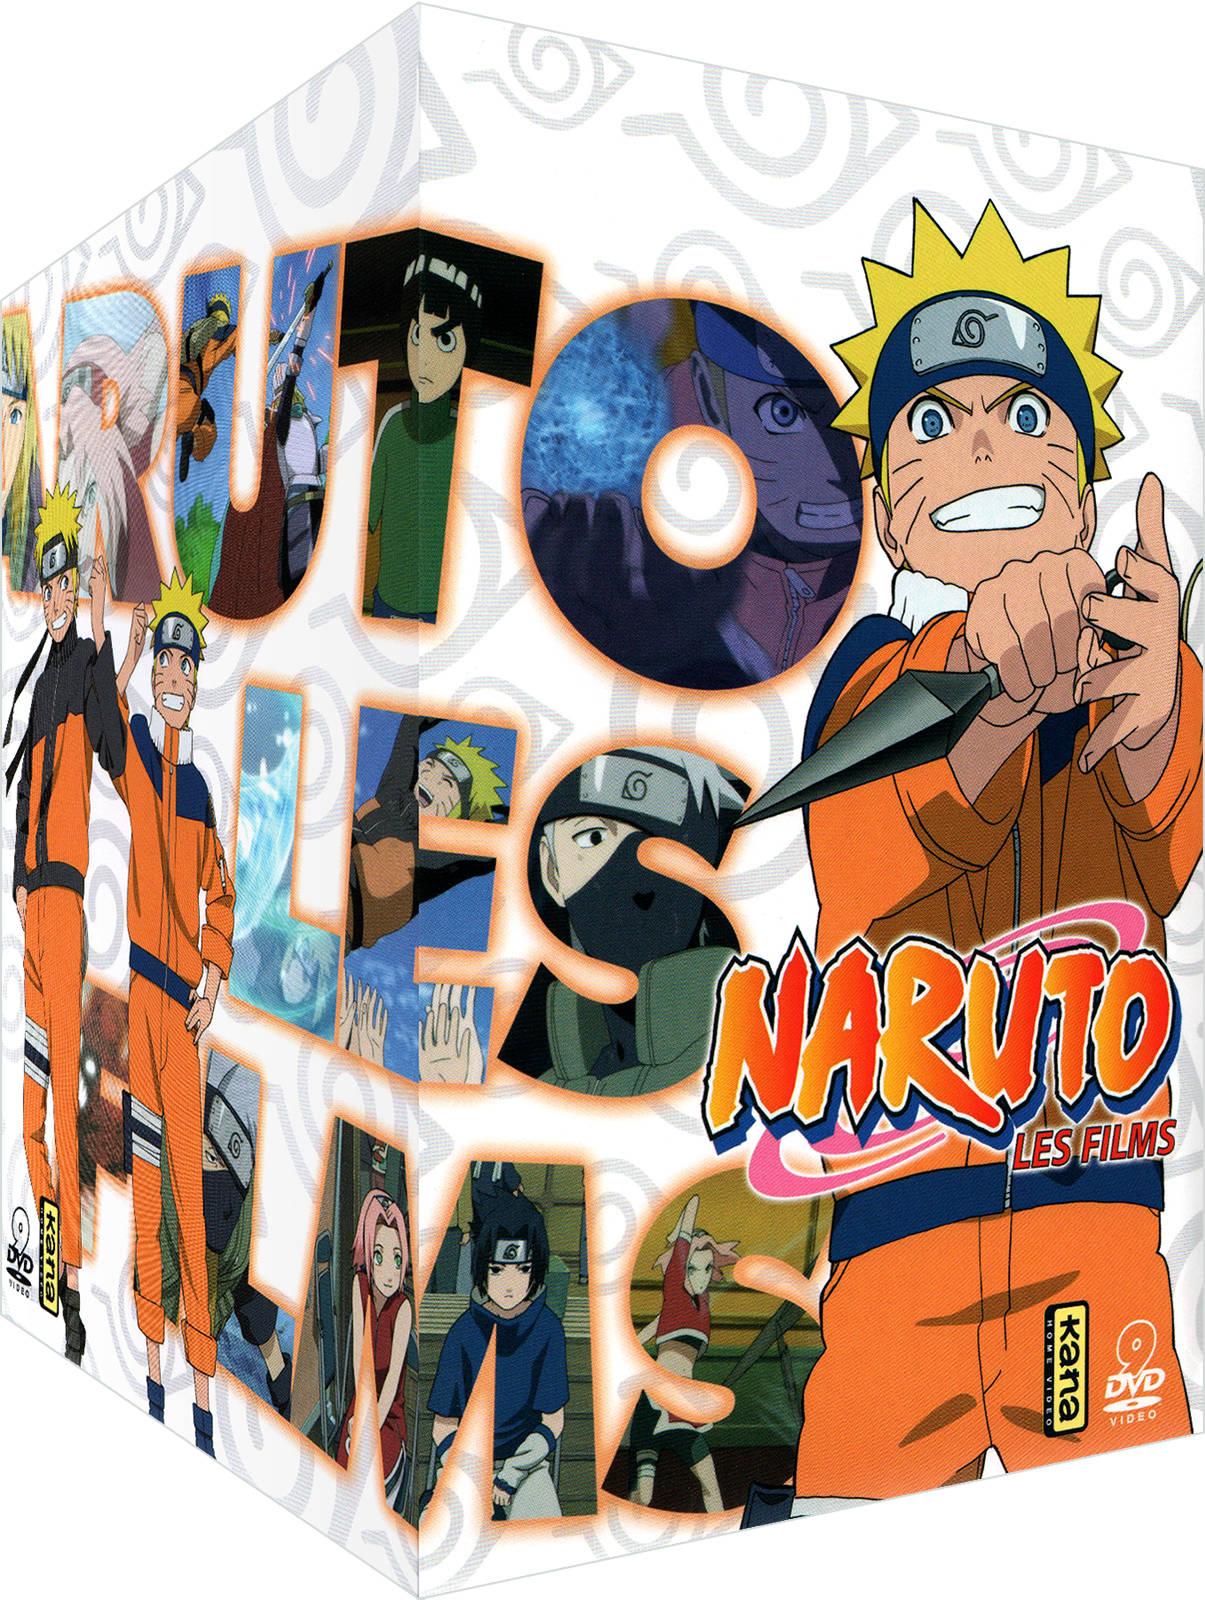 DVD Naruto & Naruto Shippuden